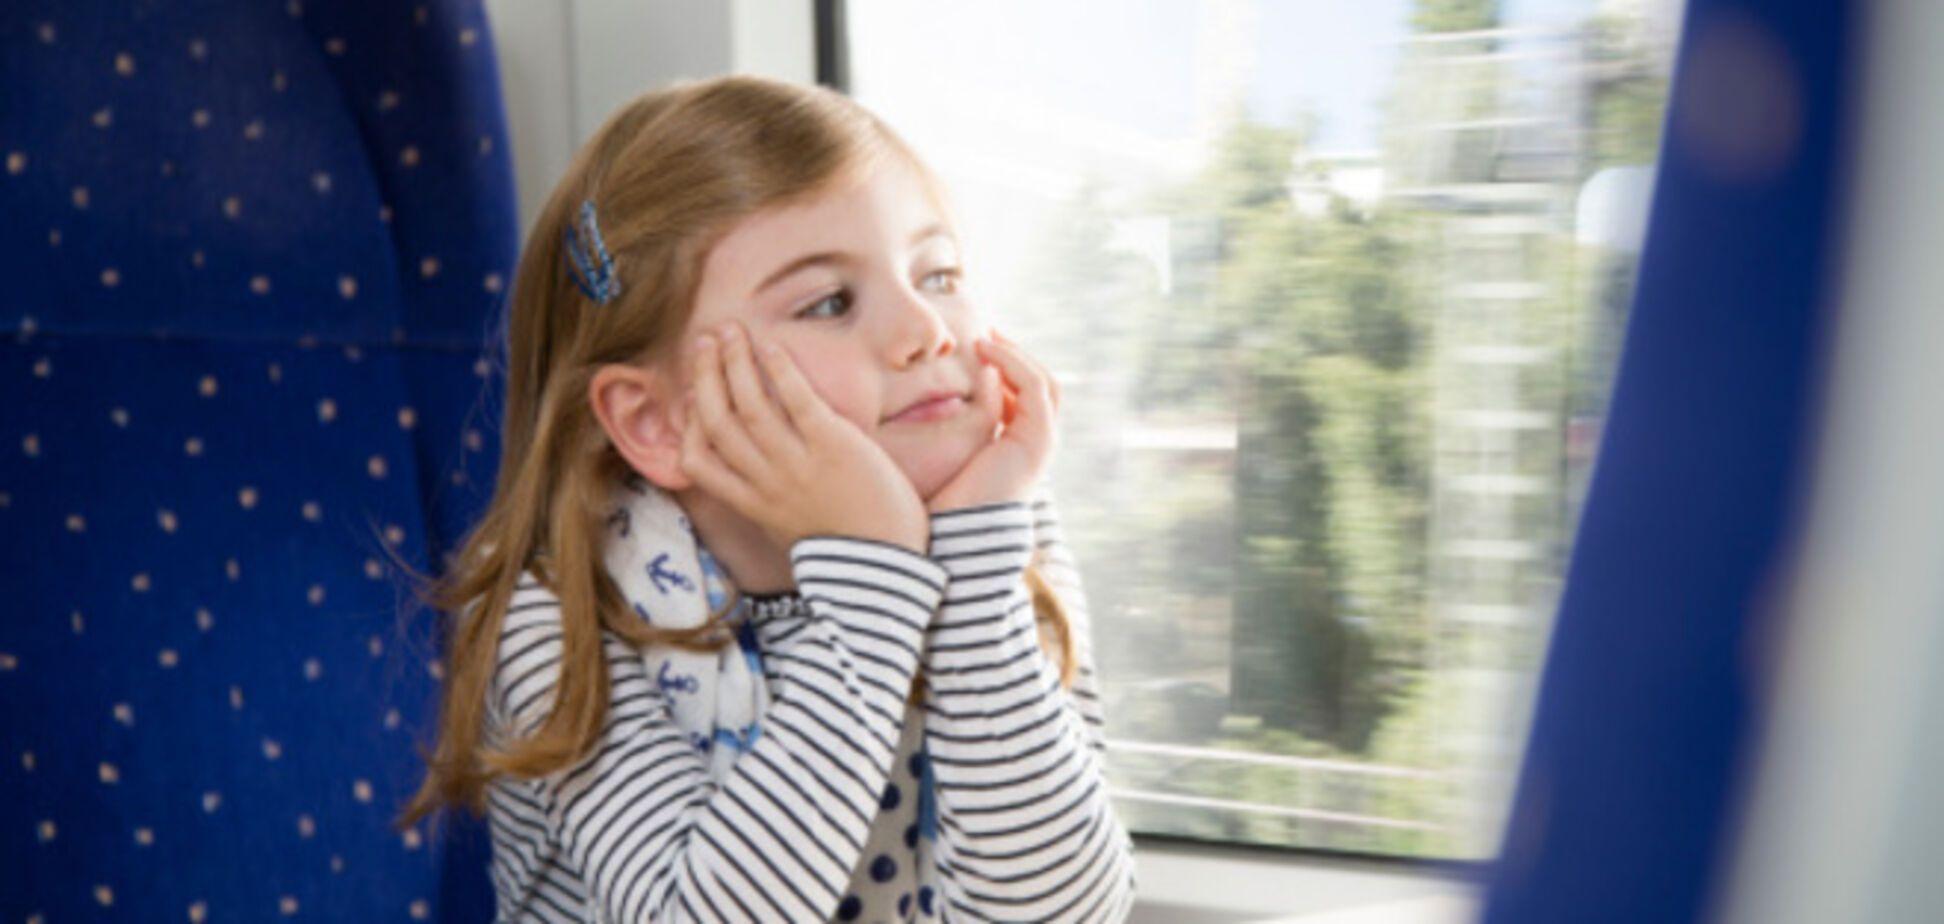 7 привычек родителей, чьи дети научатся решать свои проблемы сами